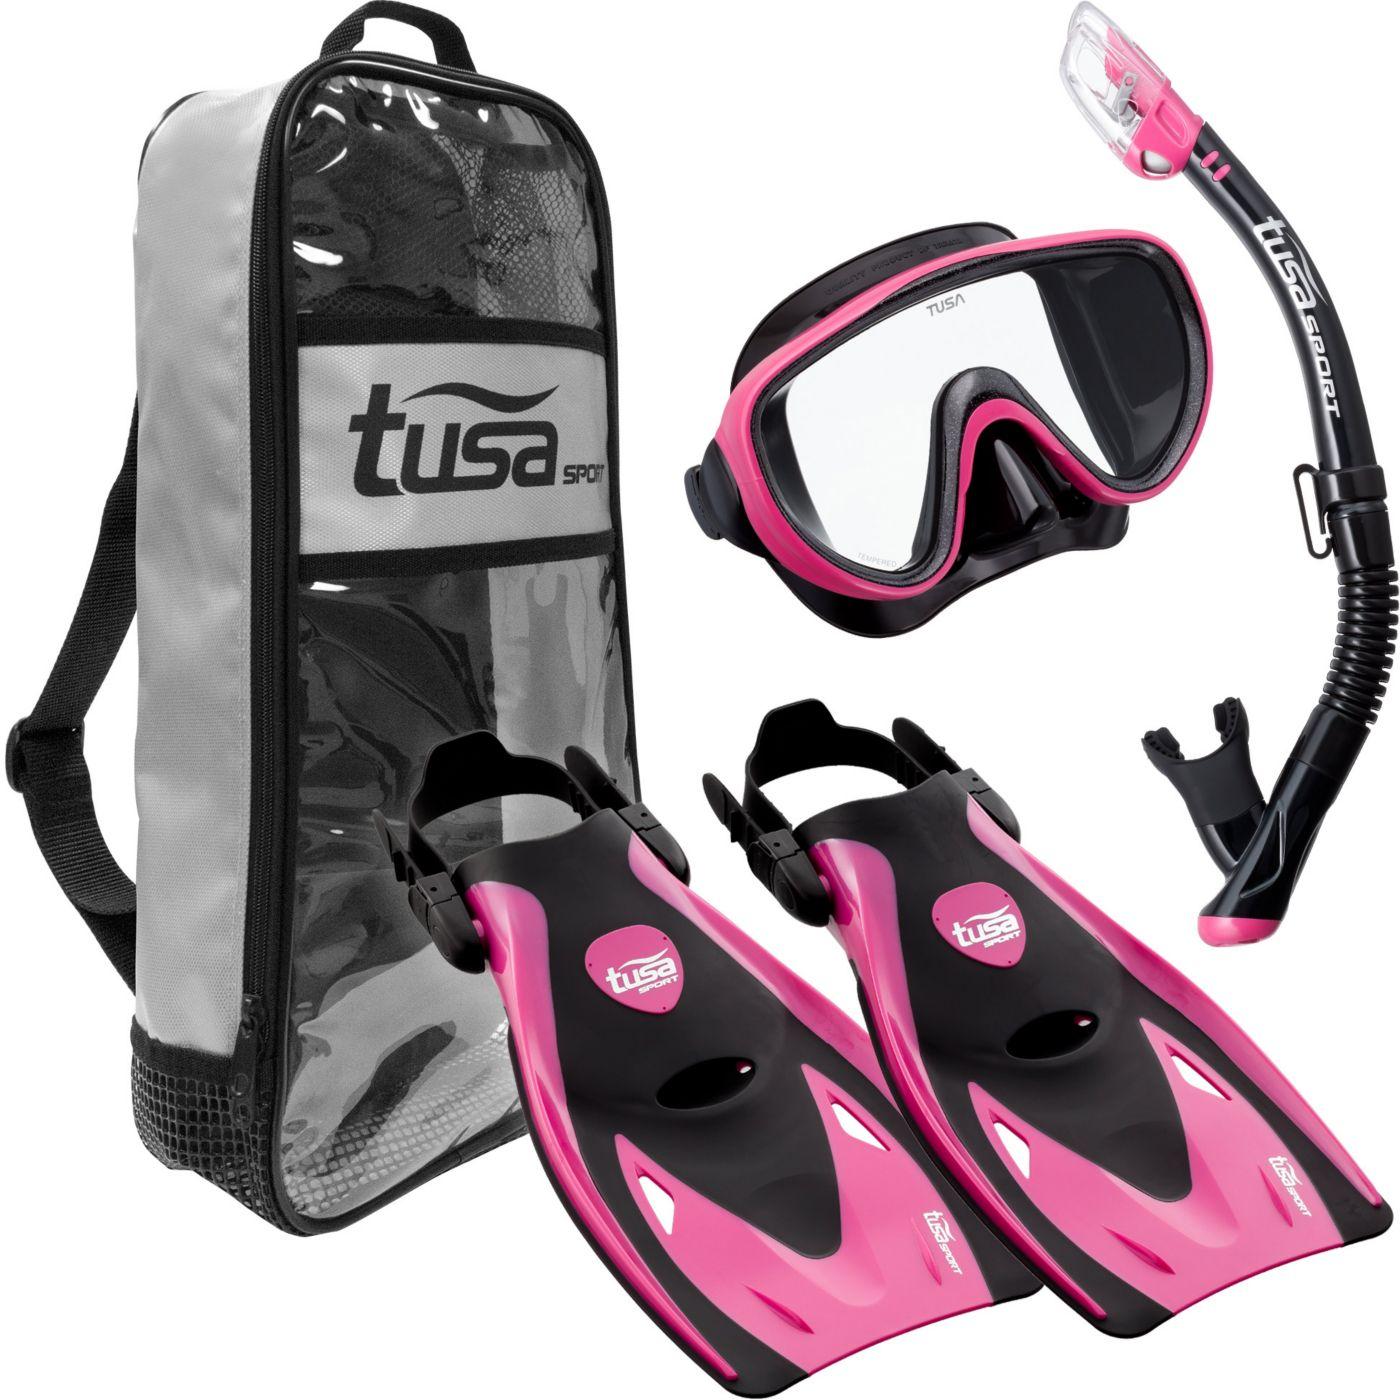 TUSA Sport Adult Serene Black Series Snorkeling Set